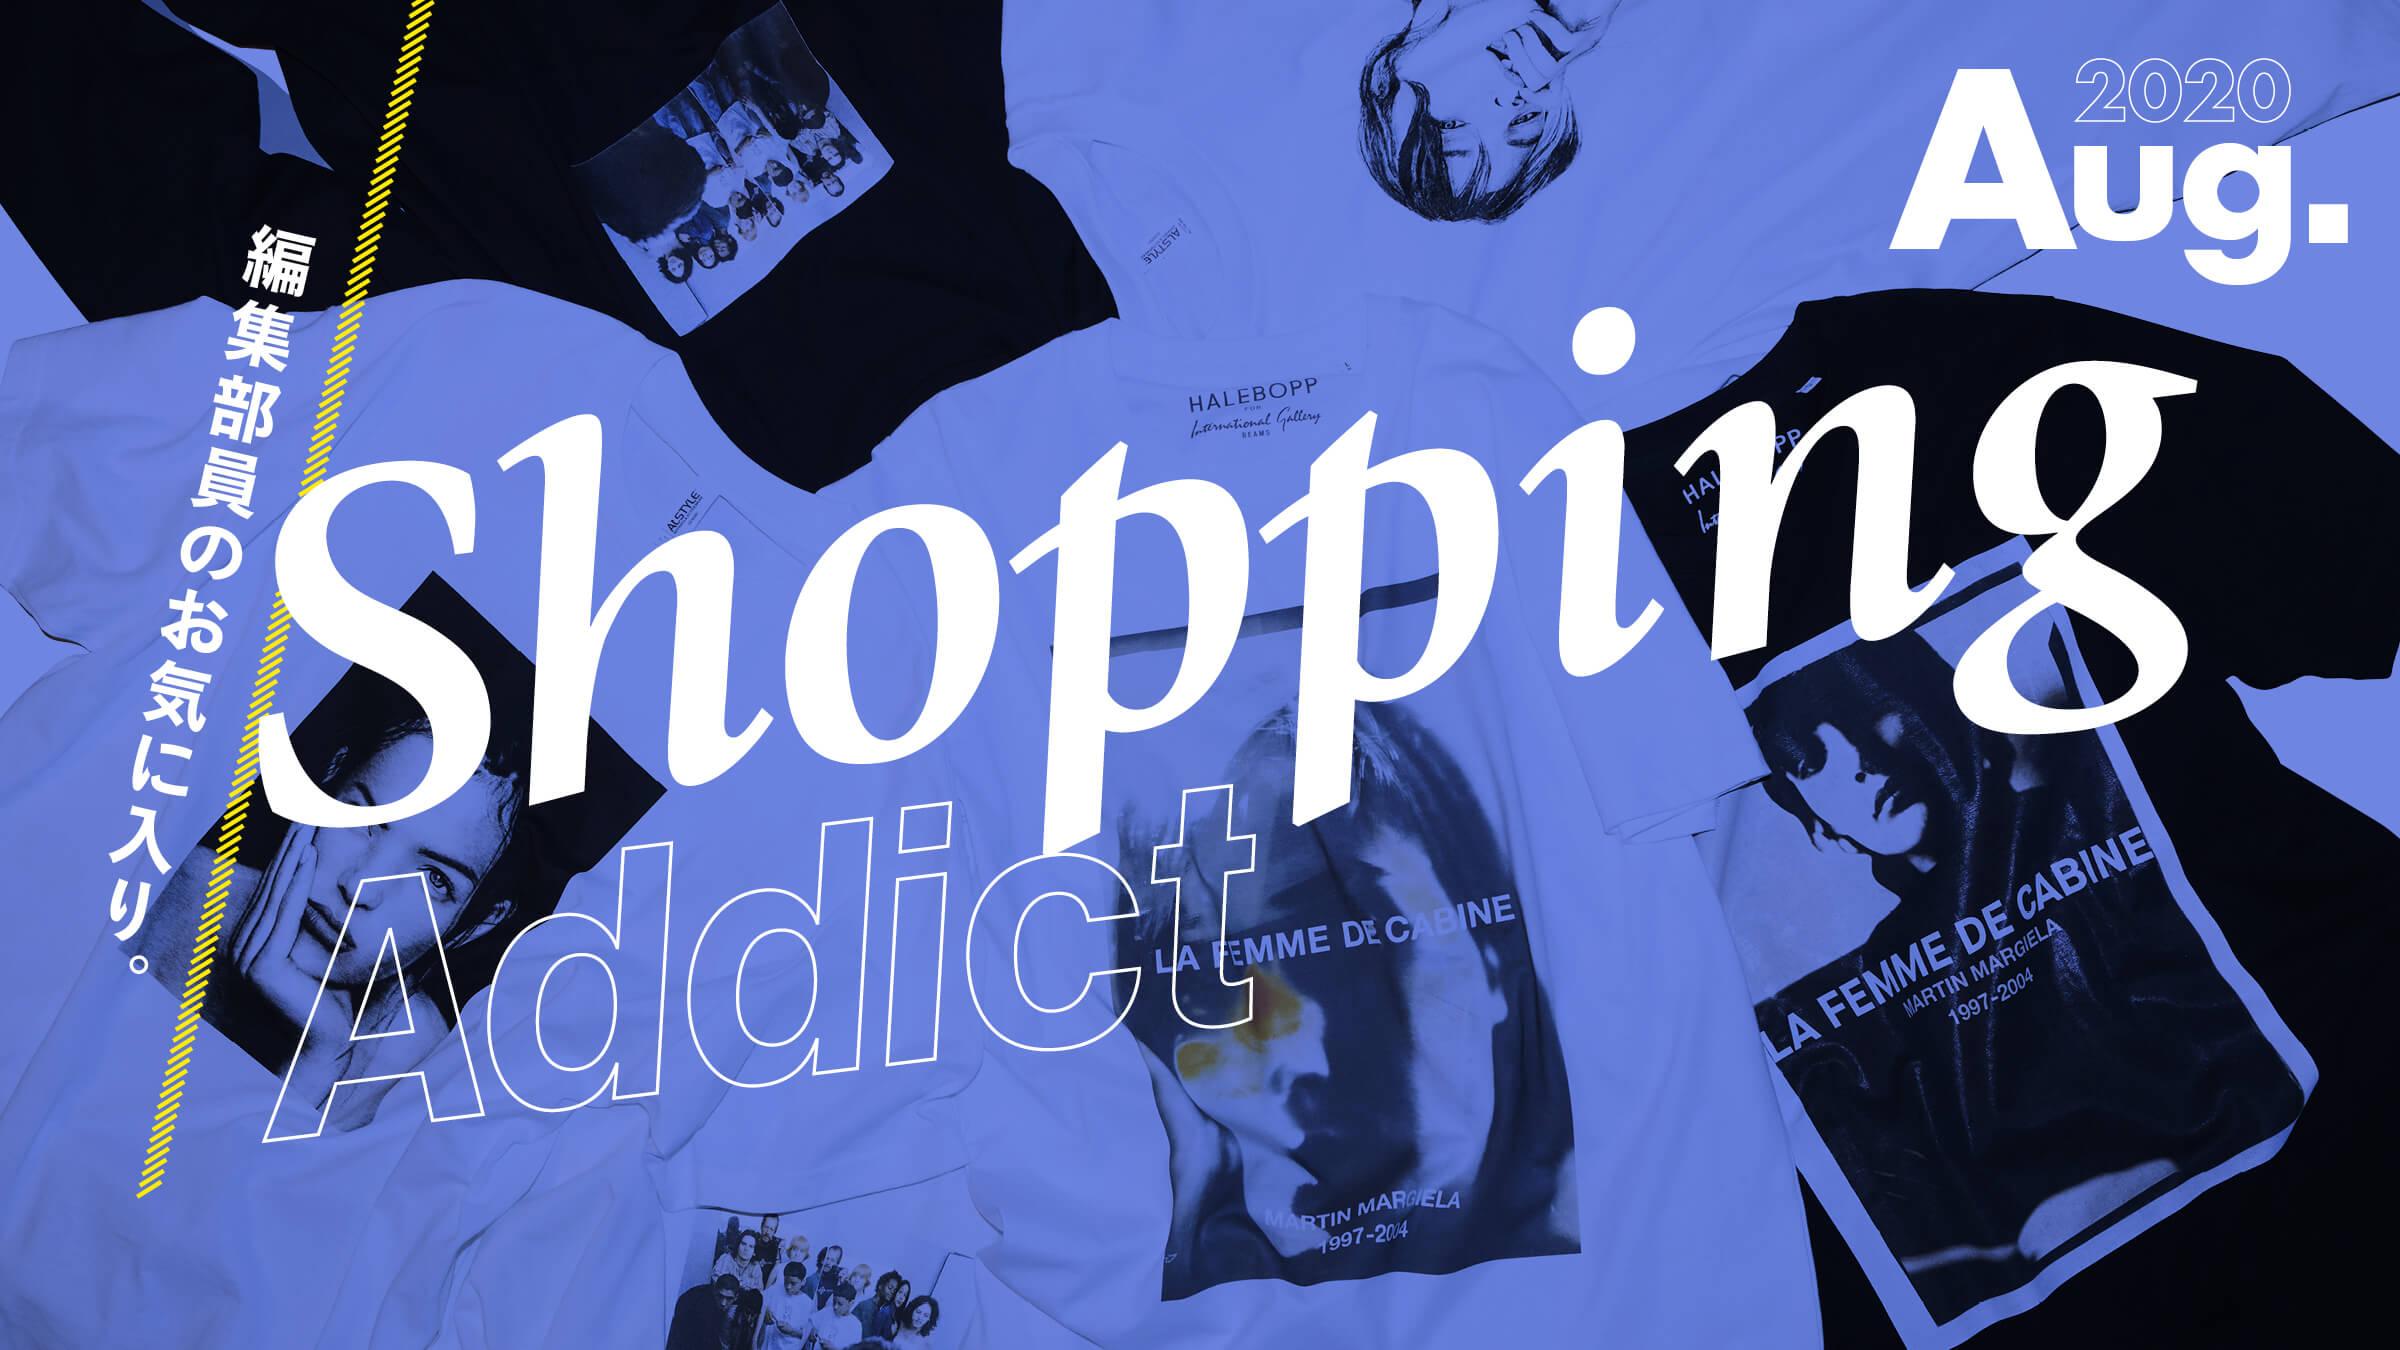 Shopping Addict 2020 Aug. 〜編集部員のお気に入り〜